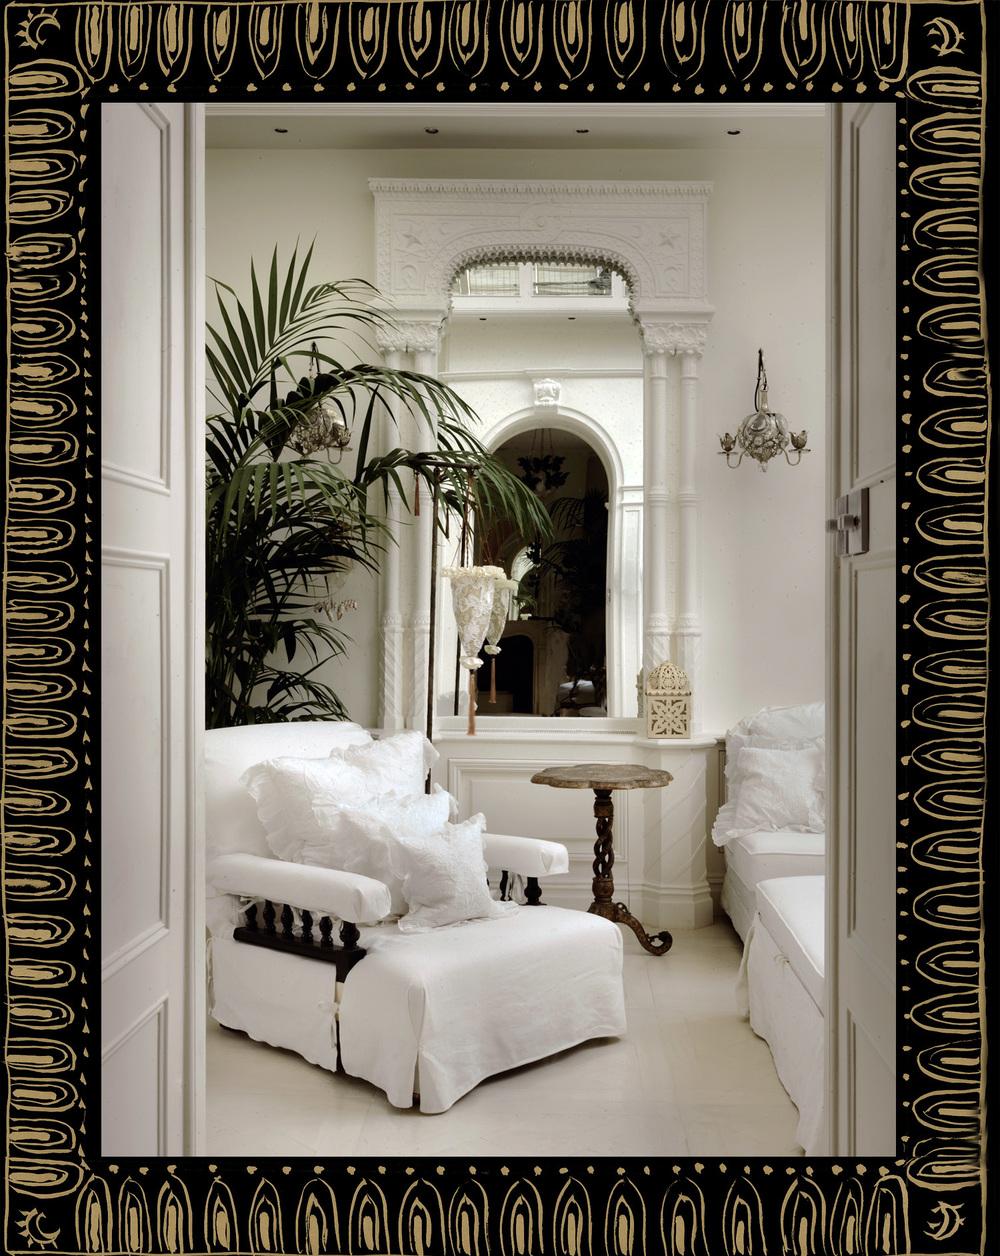 boudoir aab_k4564d67bf63_1000004.jpg